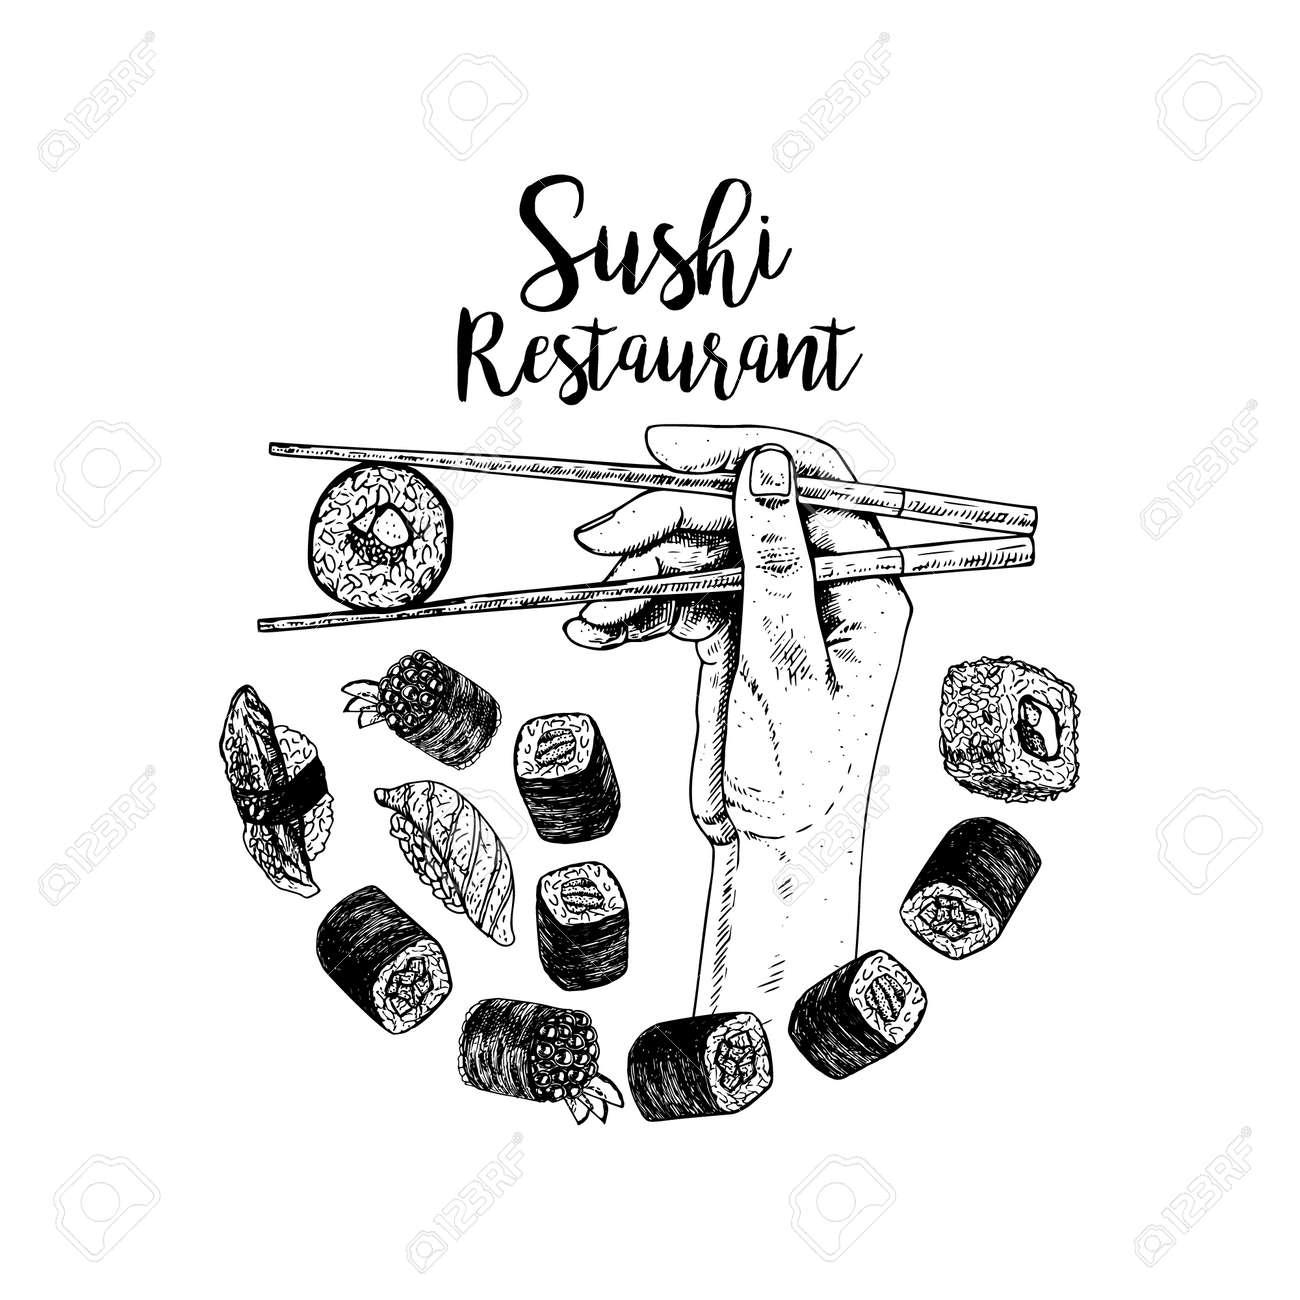 Dessin Imprime A La Main Avec Des Sushis Croquis Vectoriel Clip